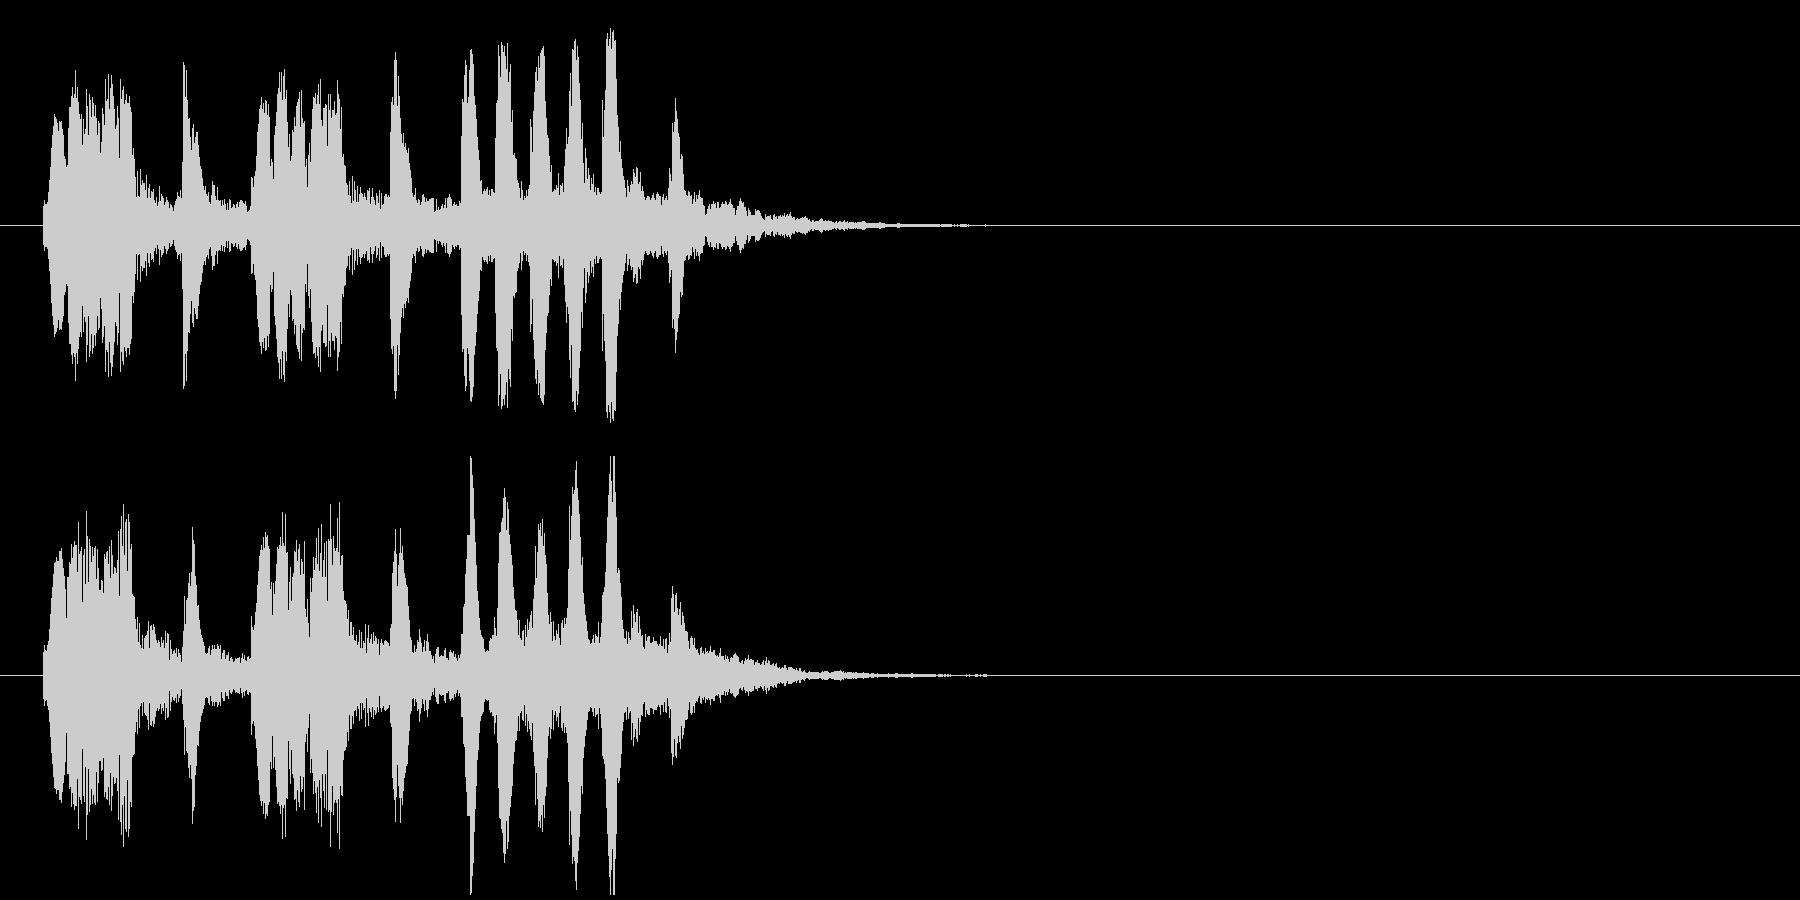 クイズ ほのぼの メルヘン コミカルの未再生の波形